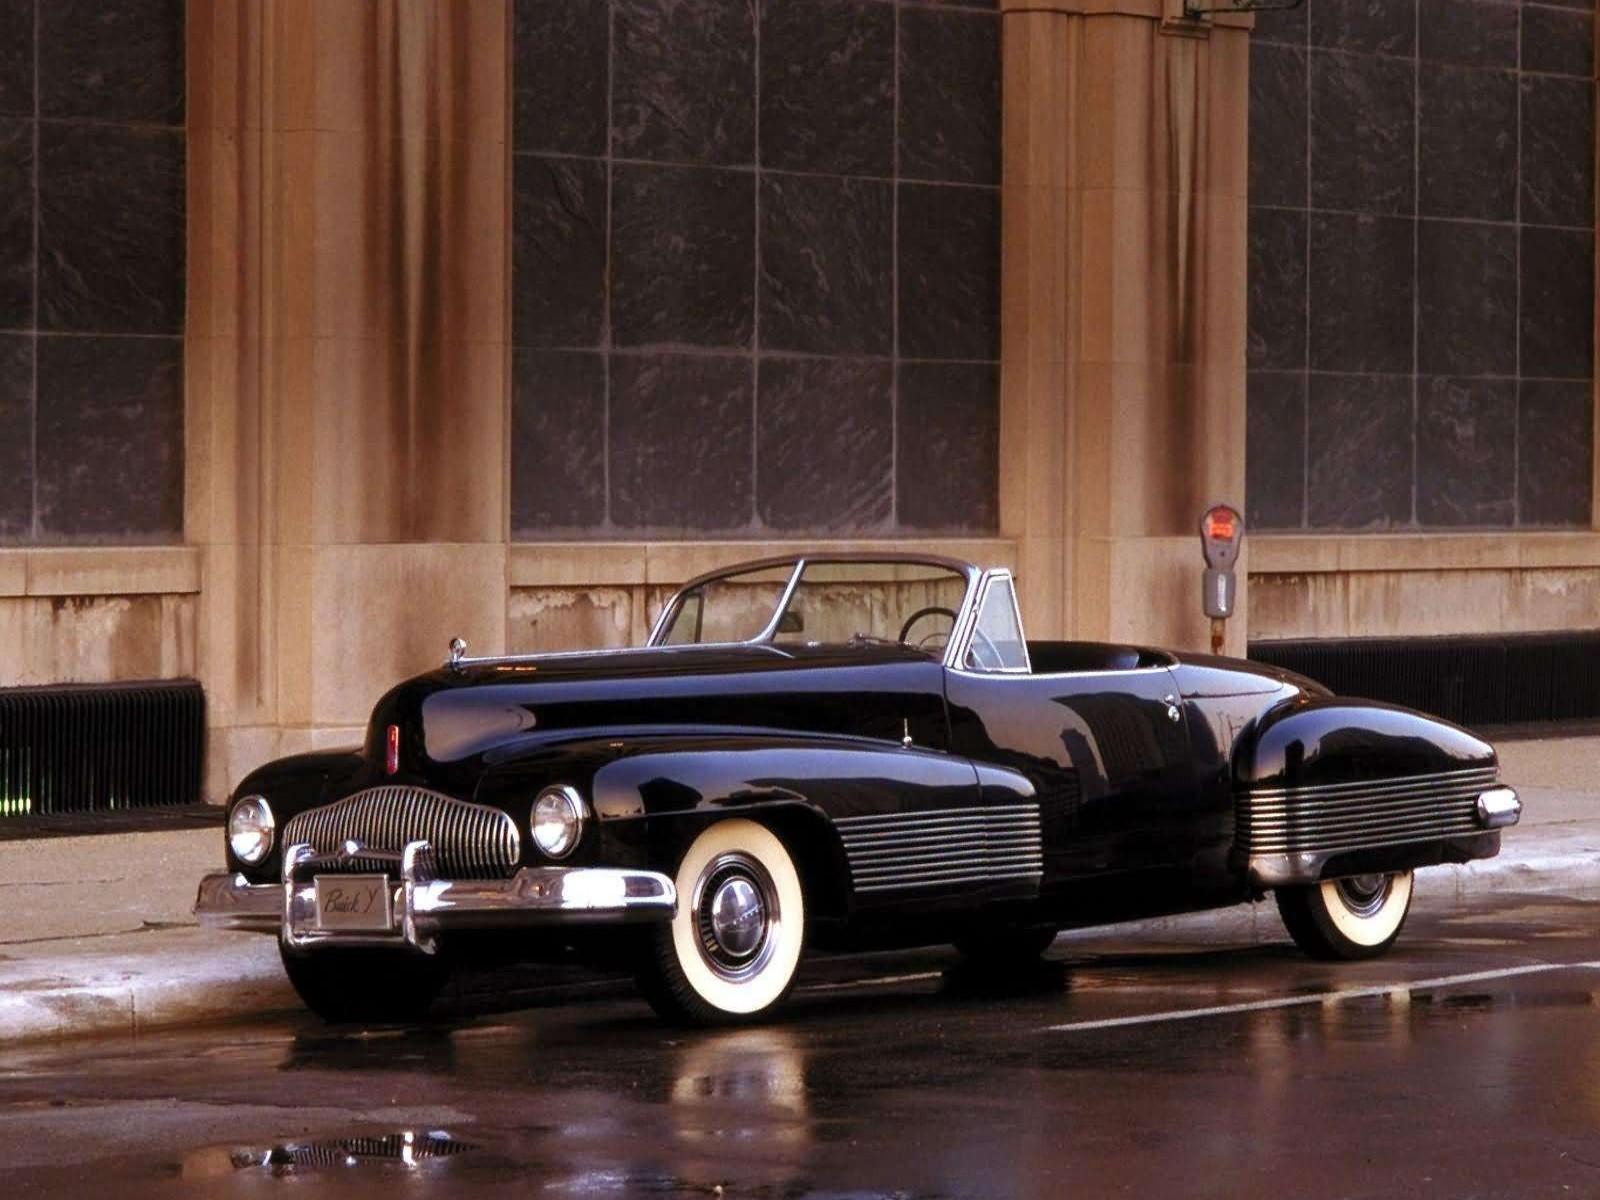 http://4.bp.blogspot.com/-5lrPfJwrnzE/TqHNHH2GEZI/AAAAAAAAAX4/BHxexNOzPso/s1600/Buick+YJob+Concept+1938+01.jpg